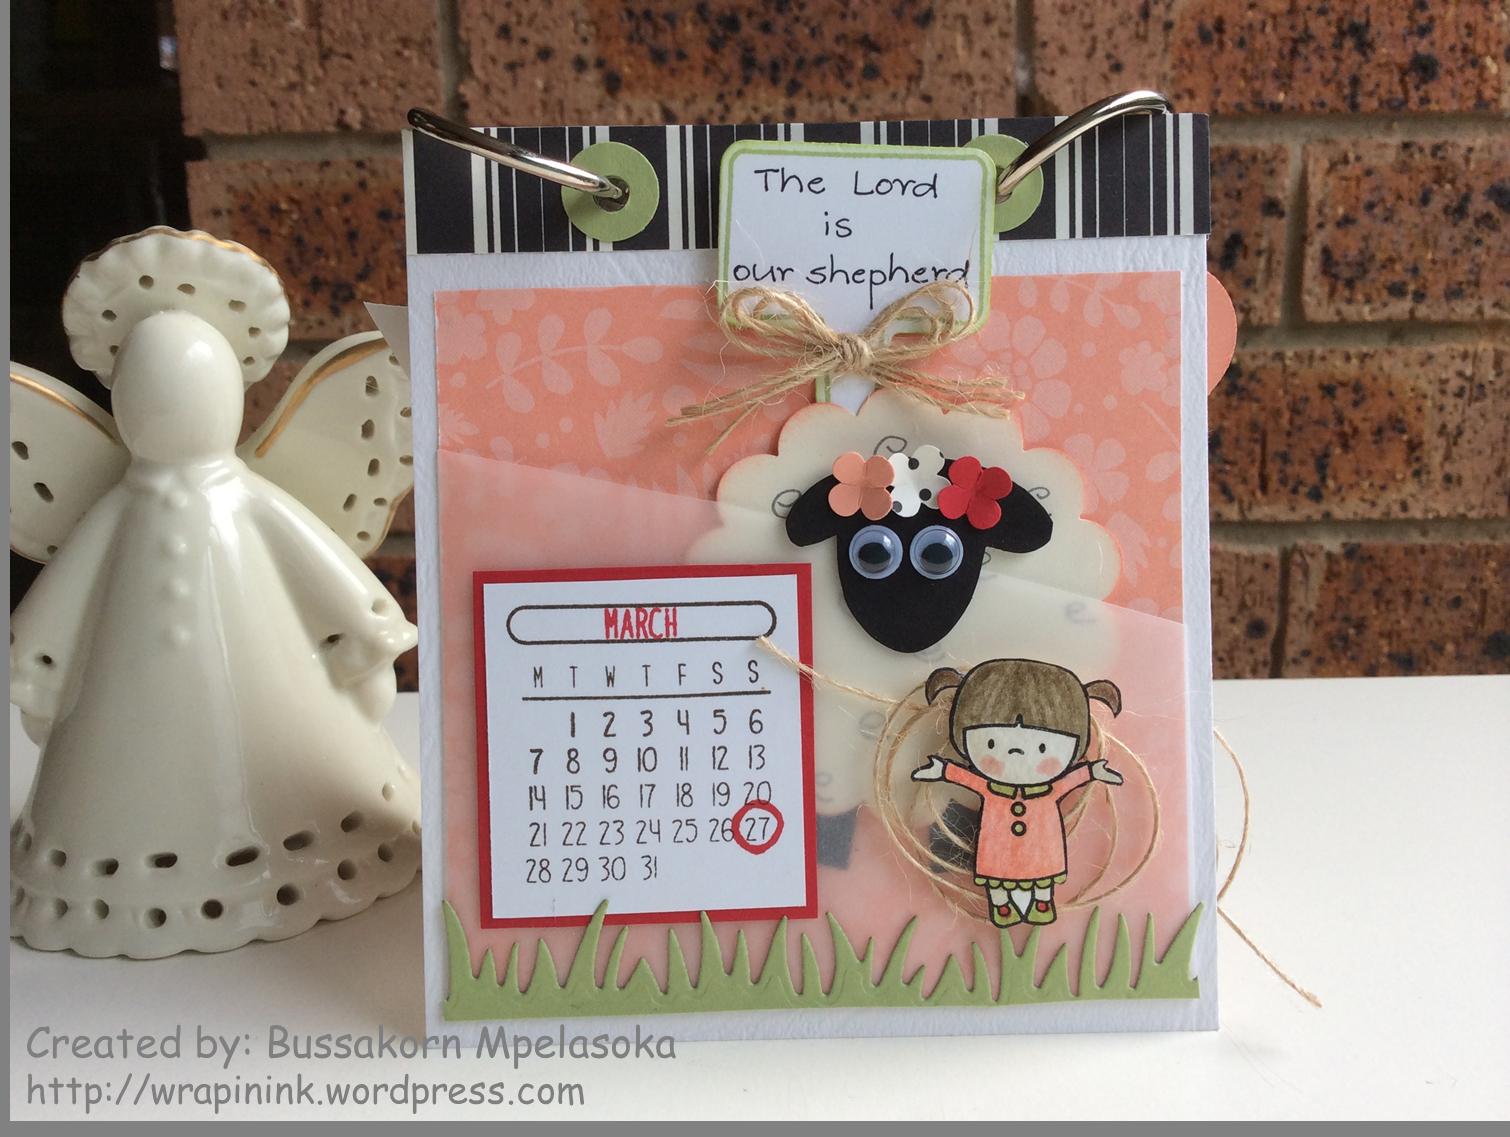 In My Heart 2016 Desktop Calendar March Wrap in Ink 1510x1137